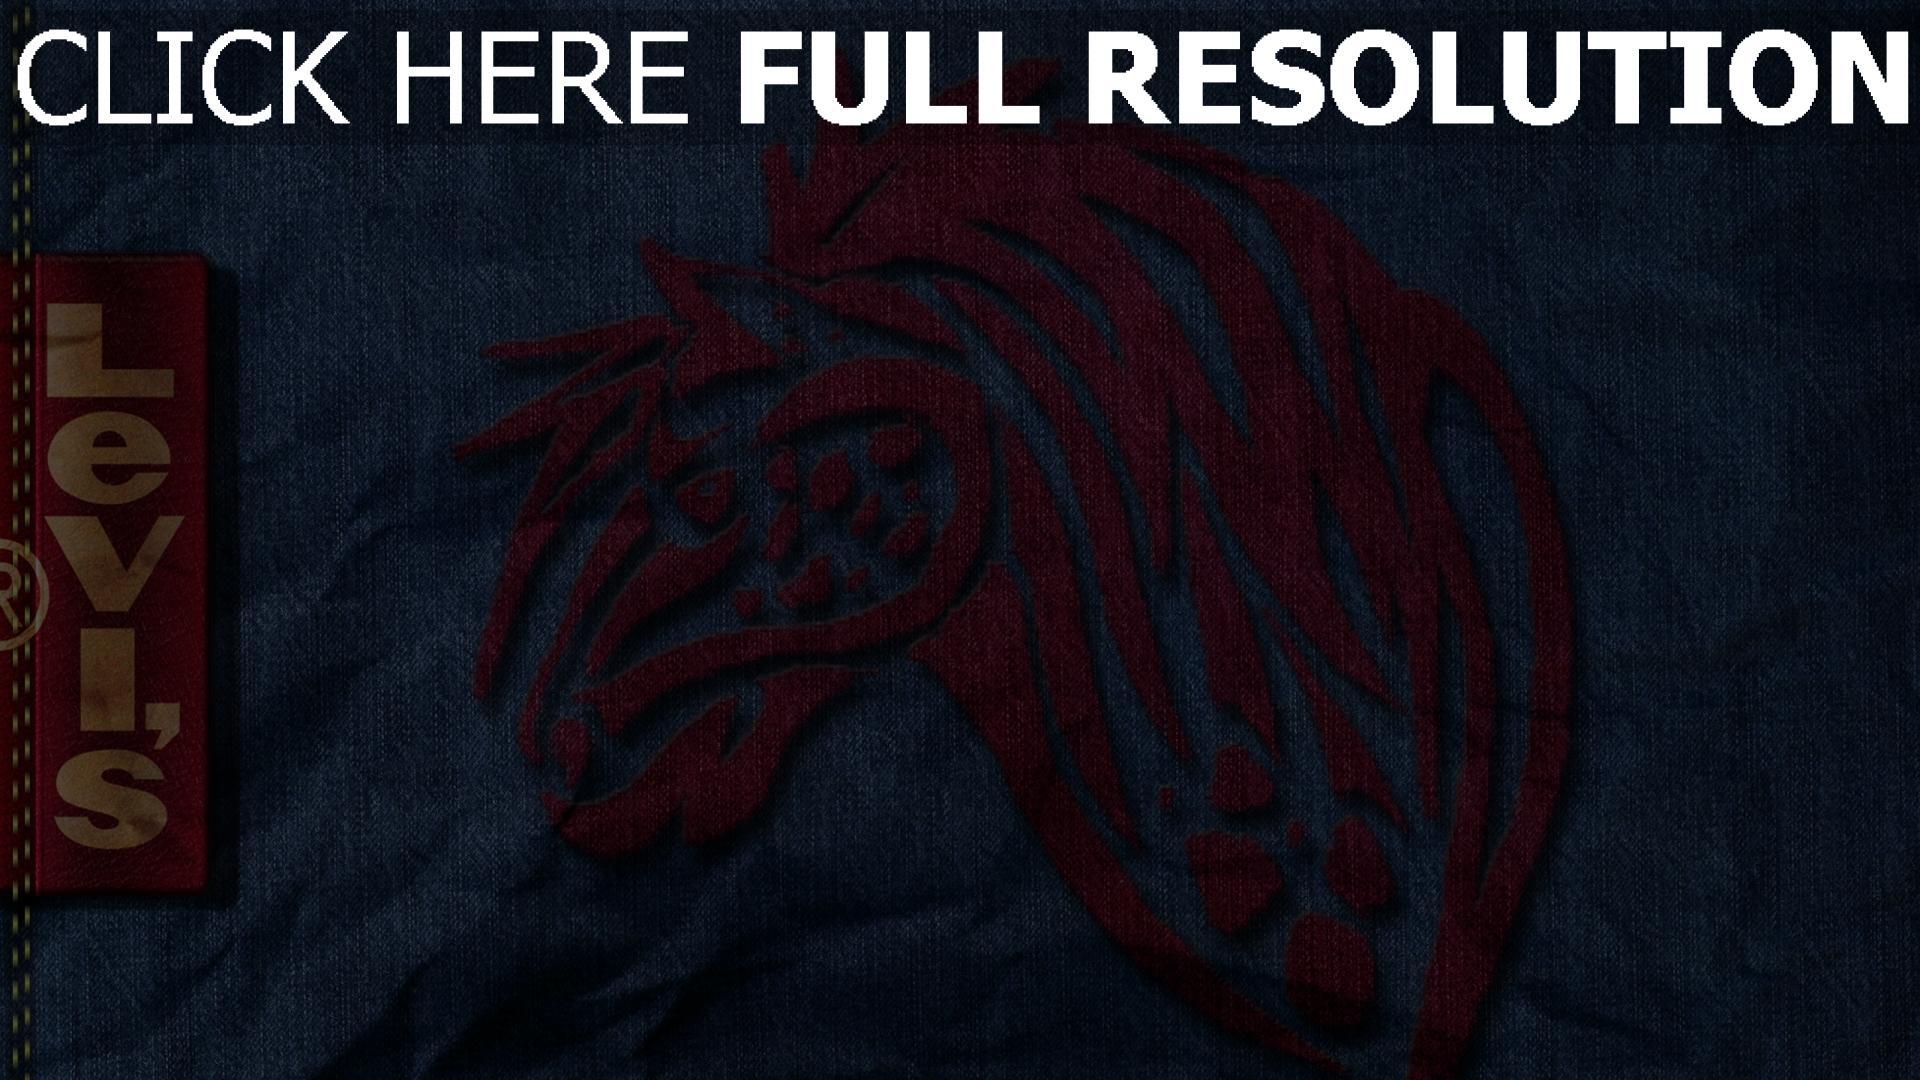 hd hintergrundbilder levis jeans stoff kleidung zeichnung 1920x1080